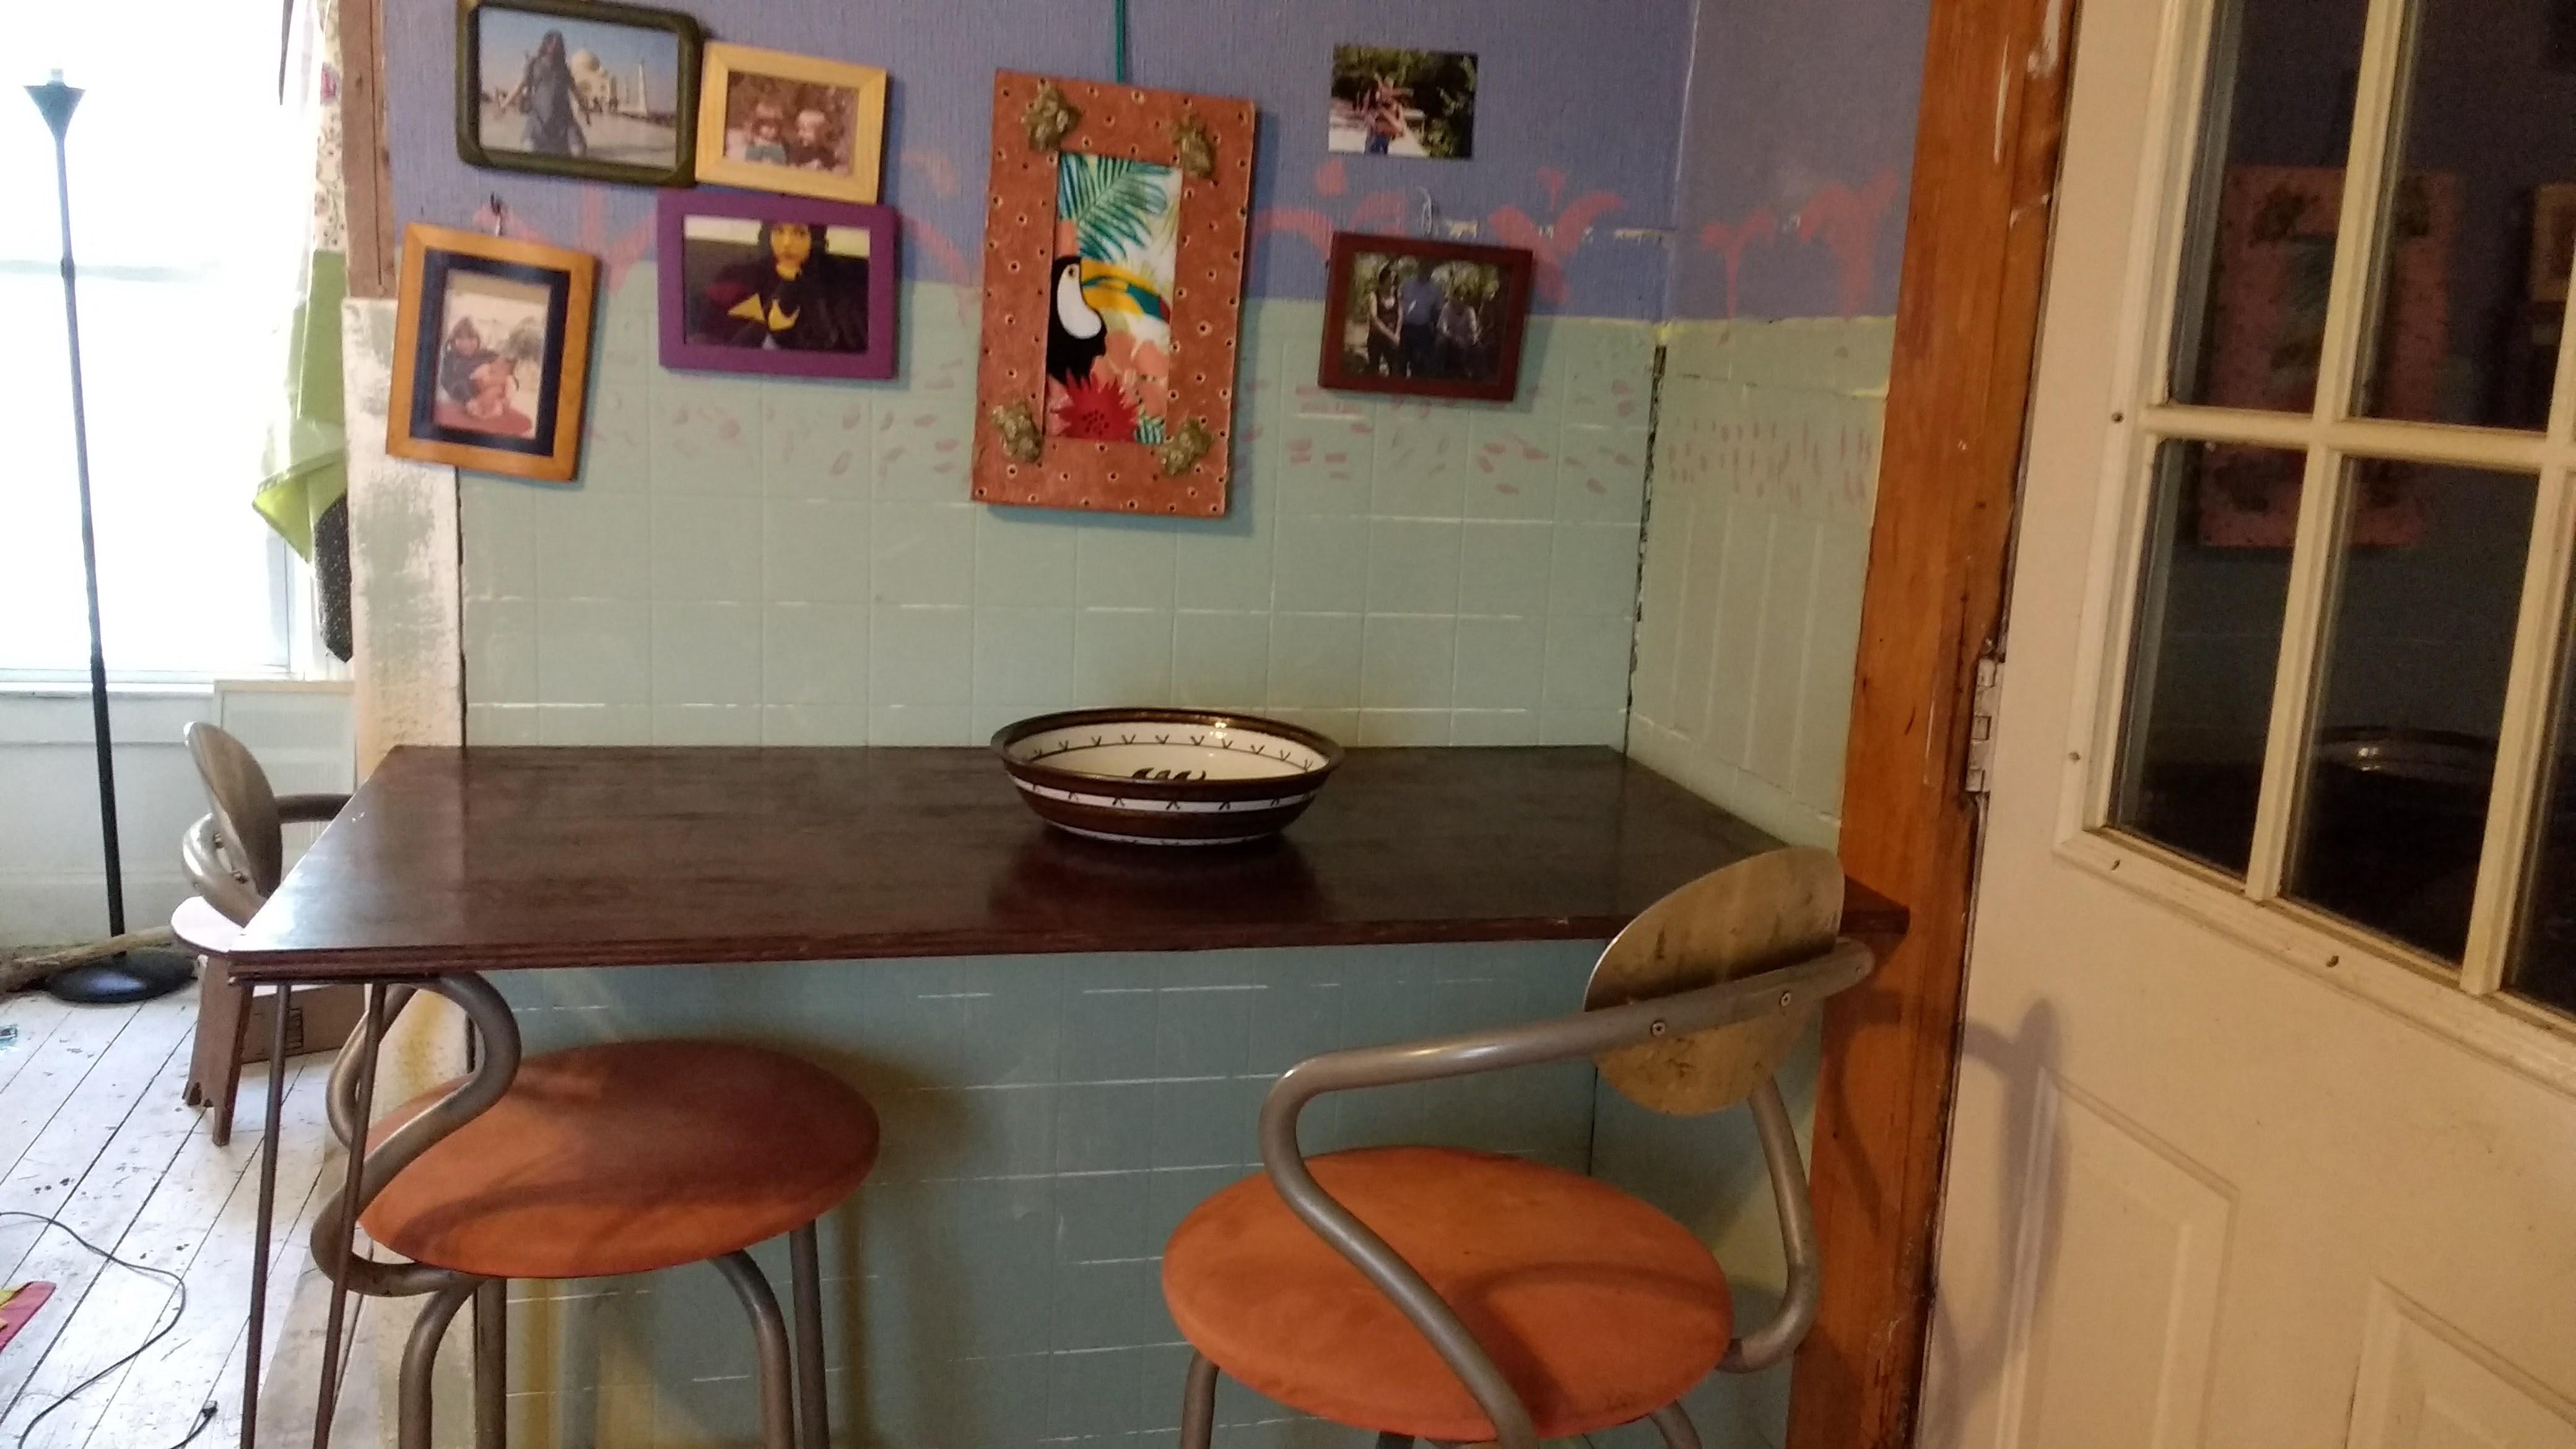 Artsy Practical DIY Renovation Examples